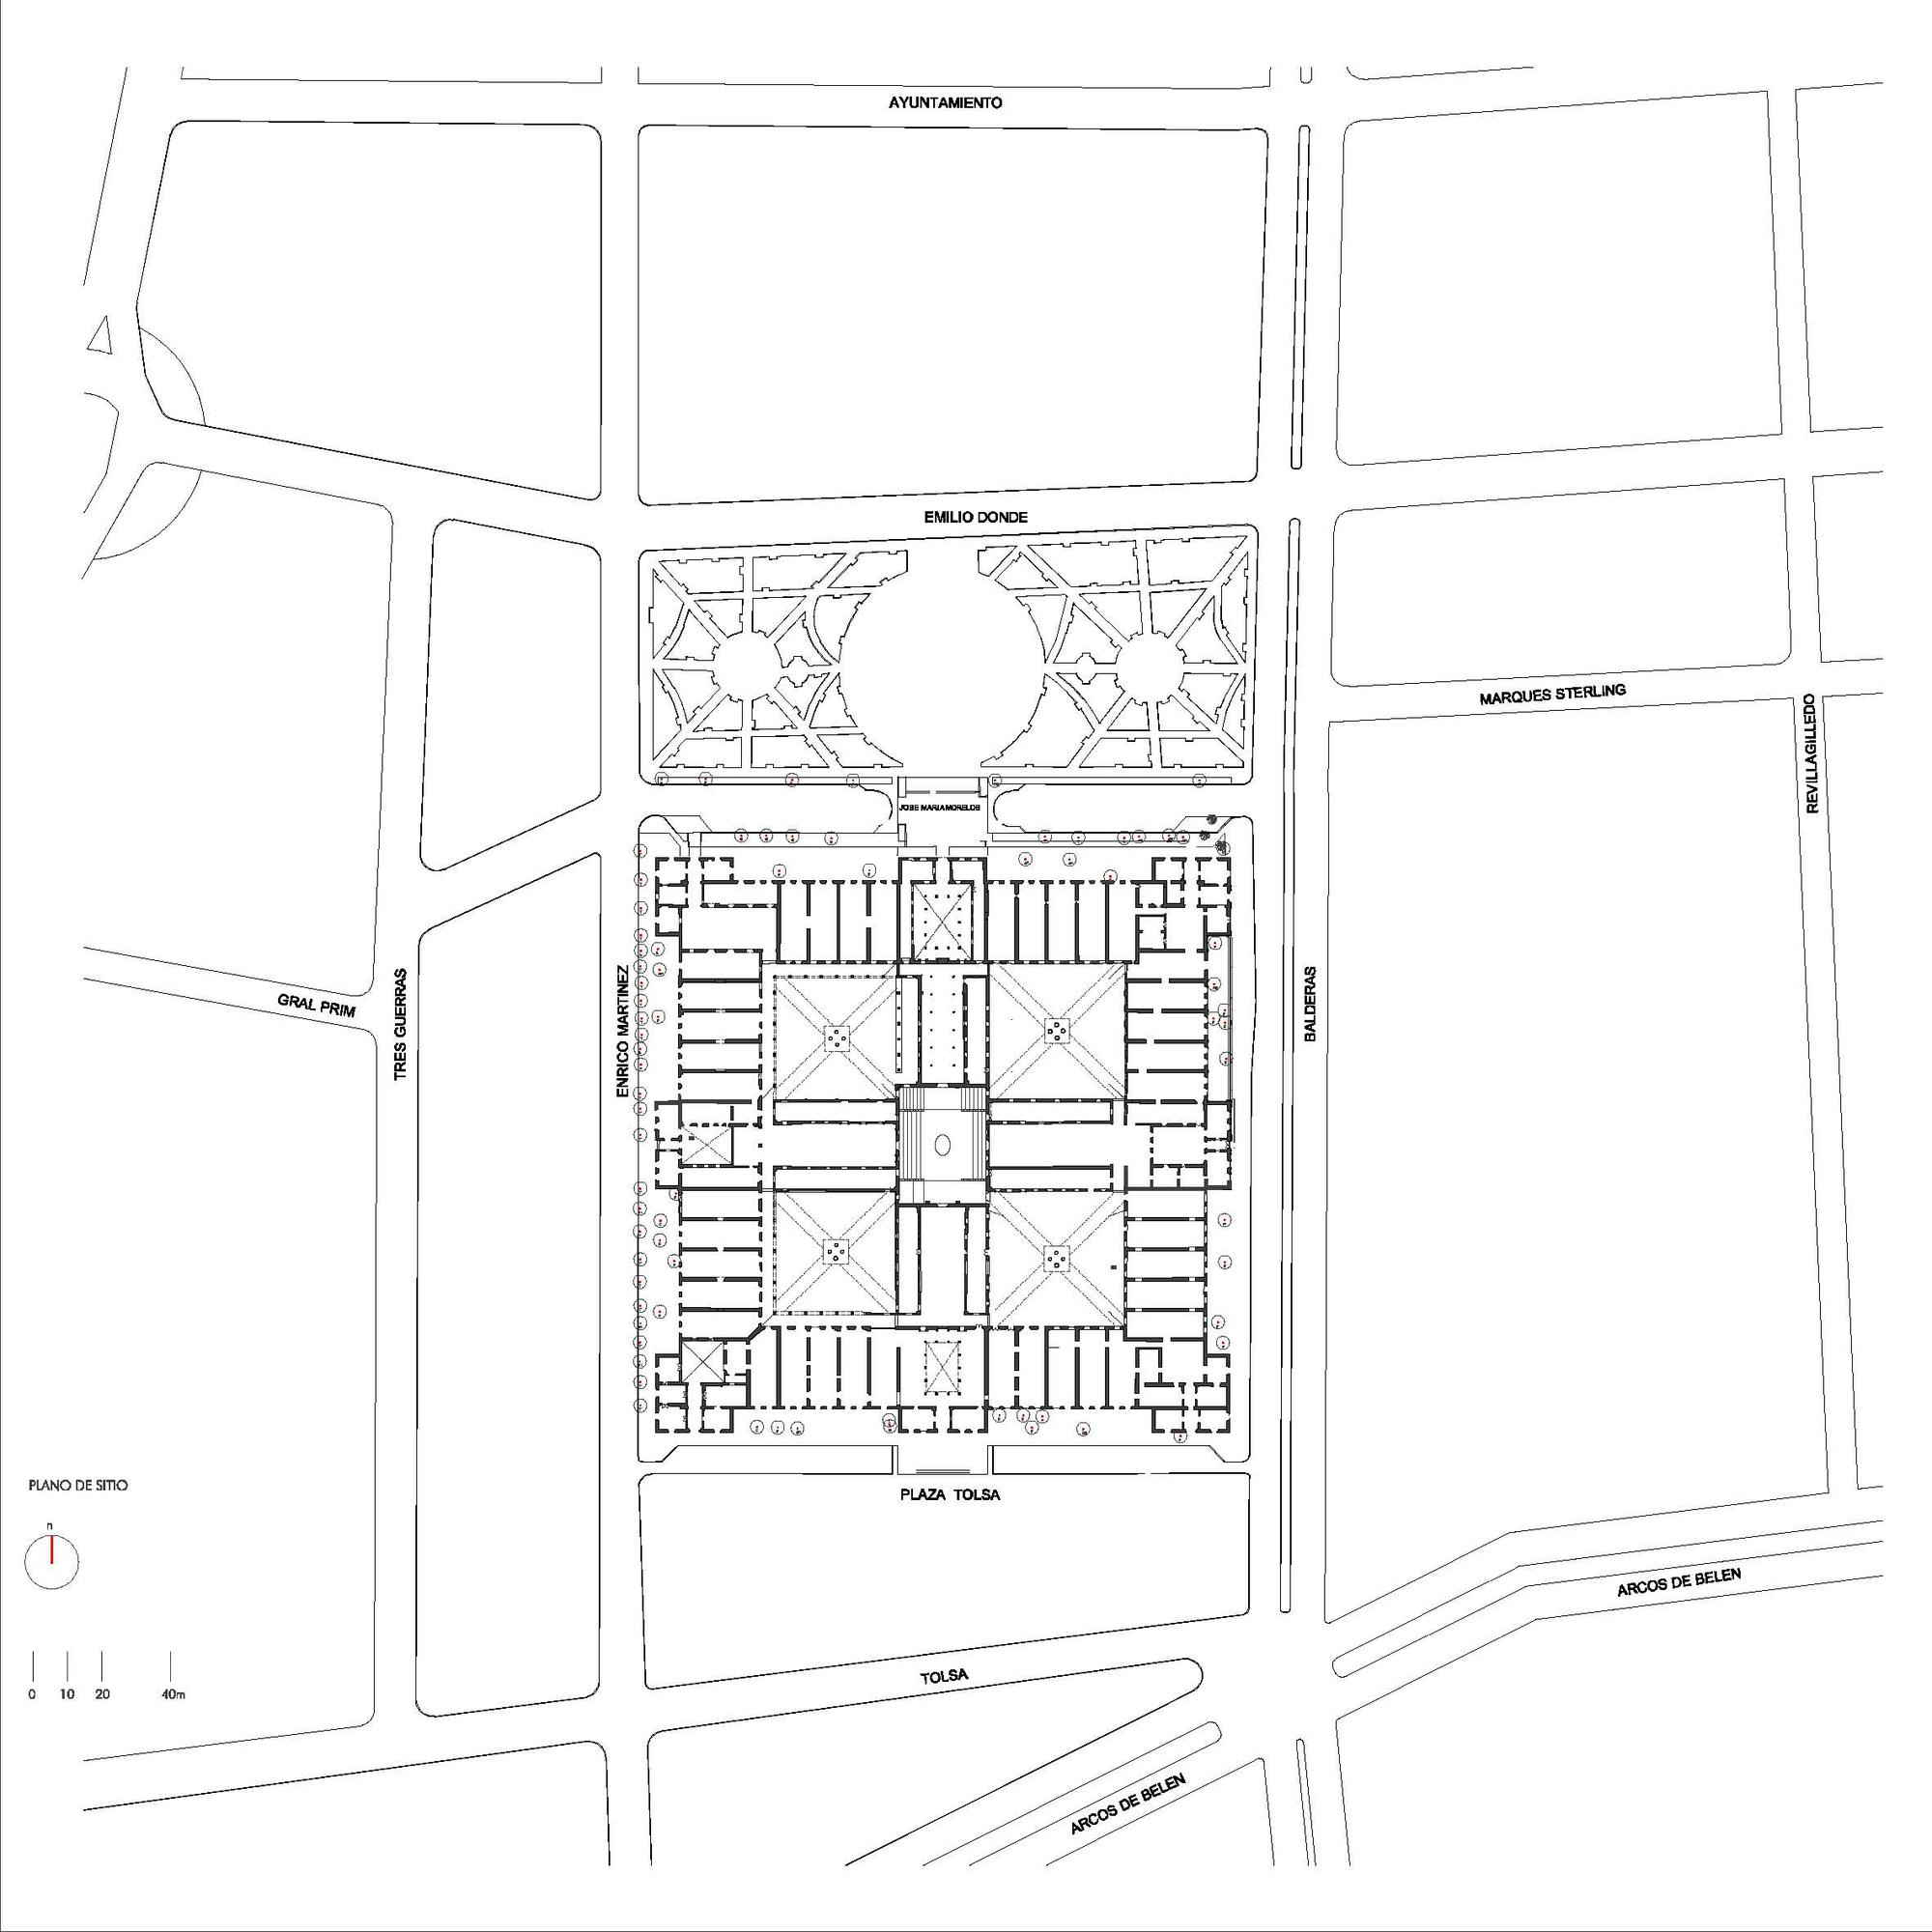 52e83cd1e8e44ed6d6000032_-the-city-of-the-books-and-the-images-taller-6a_site_plan